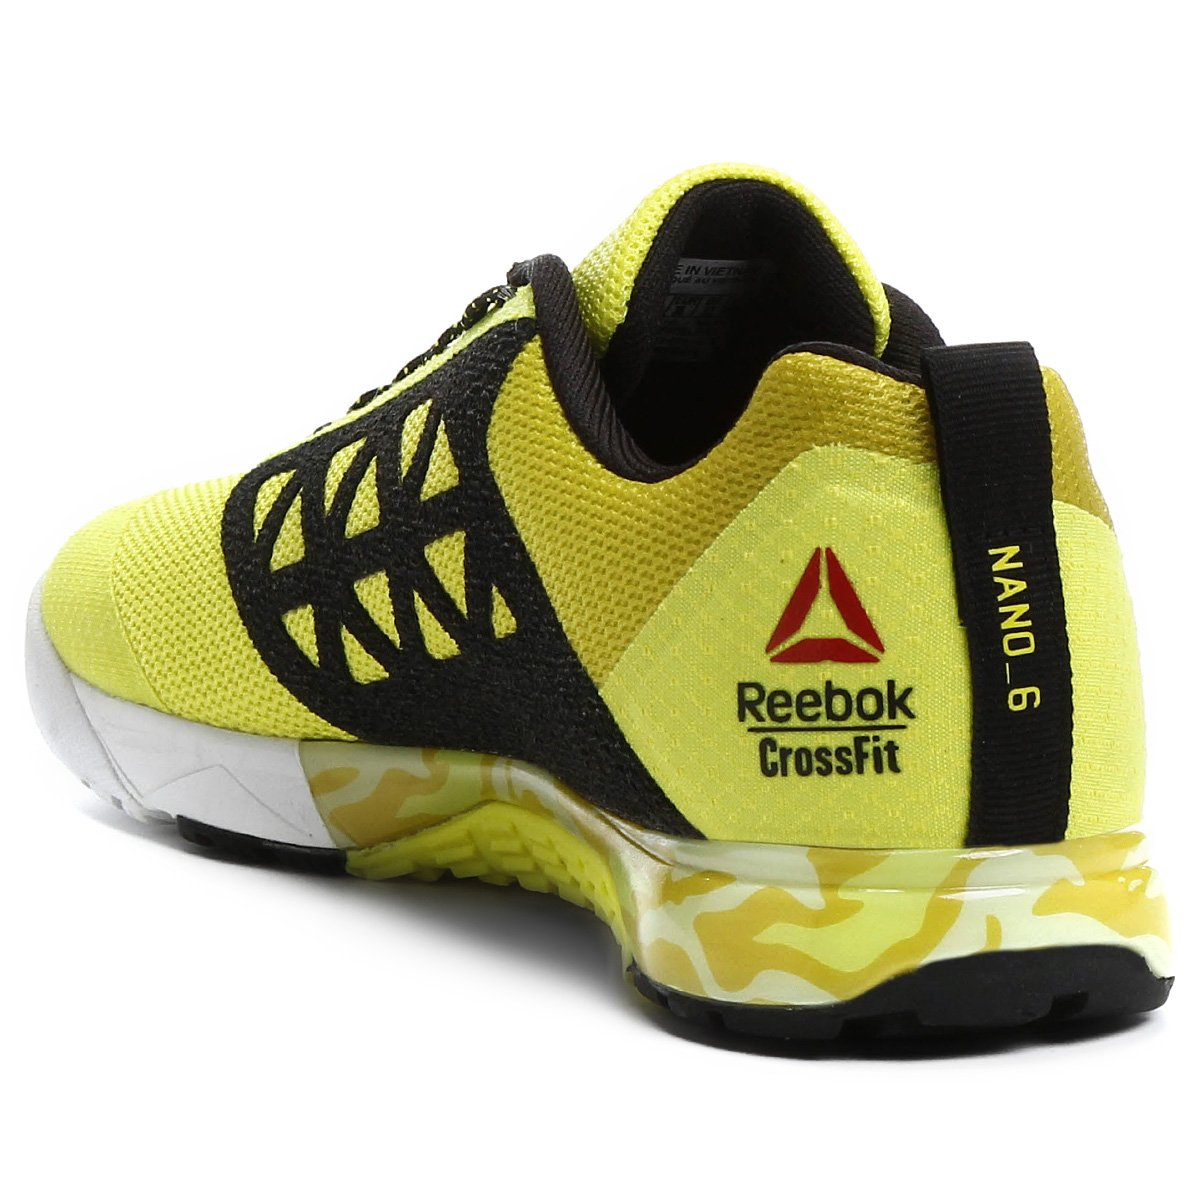 Tênis Reebok Crossfit Nano 6.0 Feminino - Amarelo - Compre Agora ... 5e75815f8e730